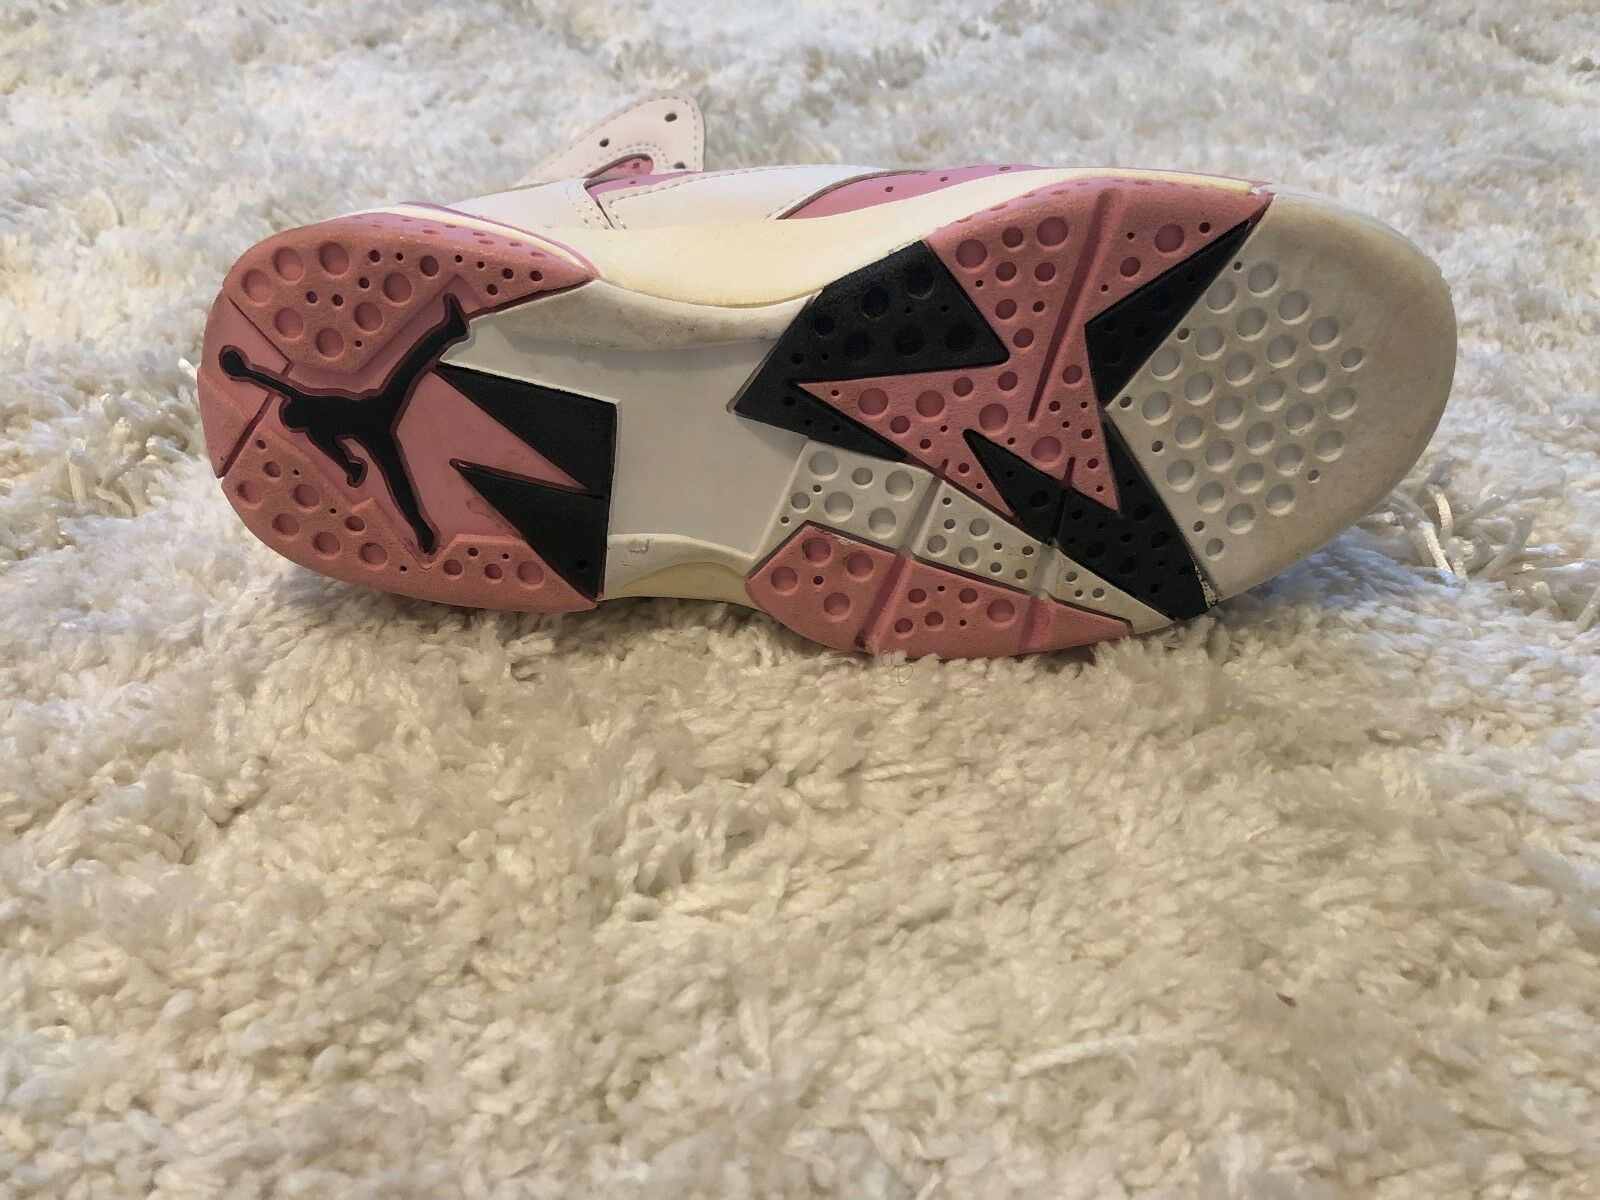 Air Jordan 7 retro Donna  Dimensione Dimensione Dimensione 7.5 rosa and bianca Very good condition 6f10de